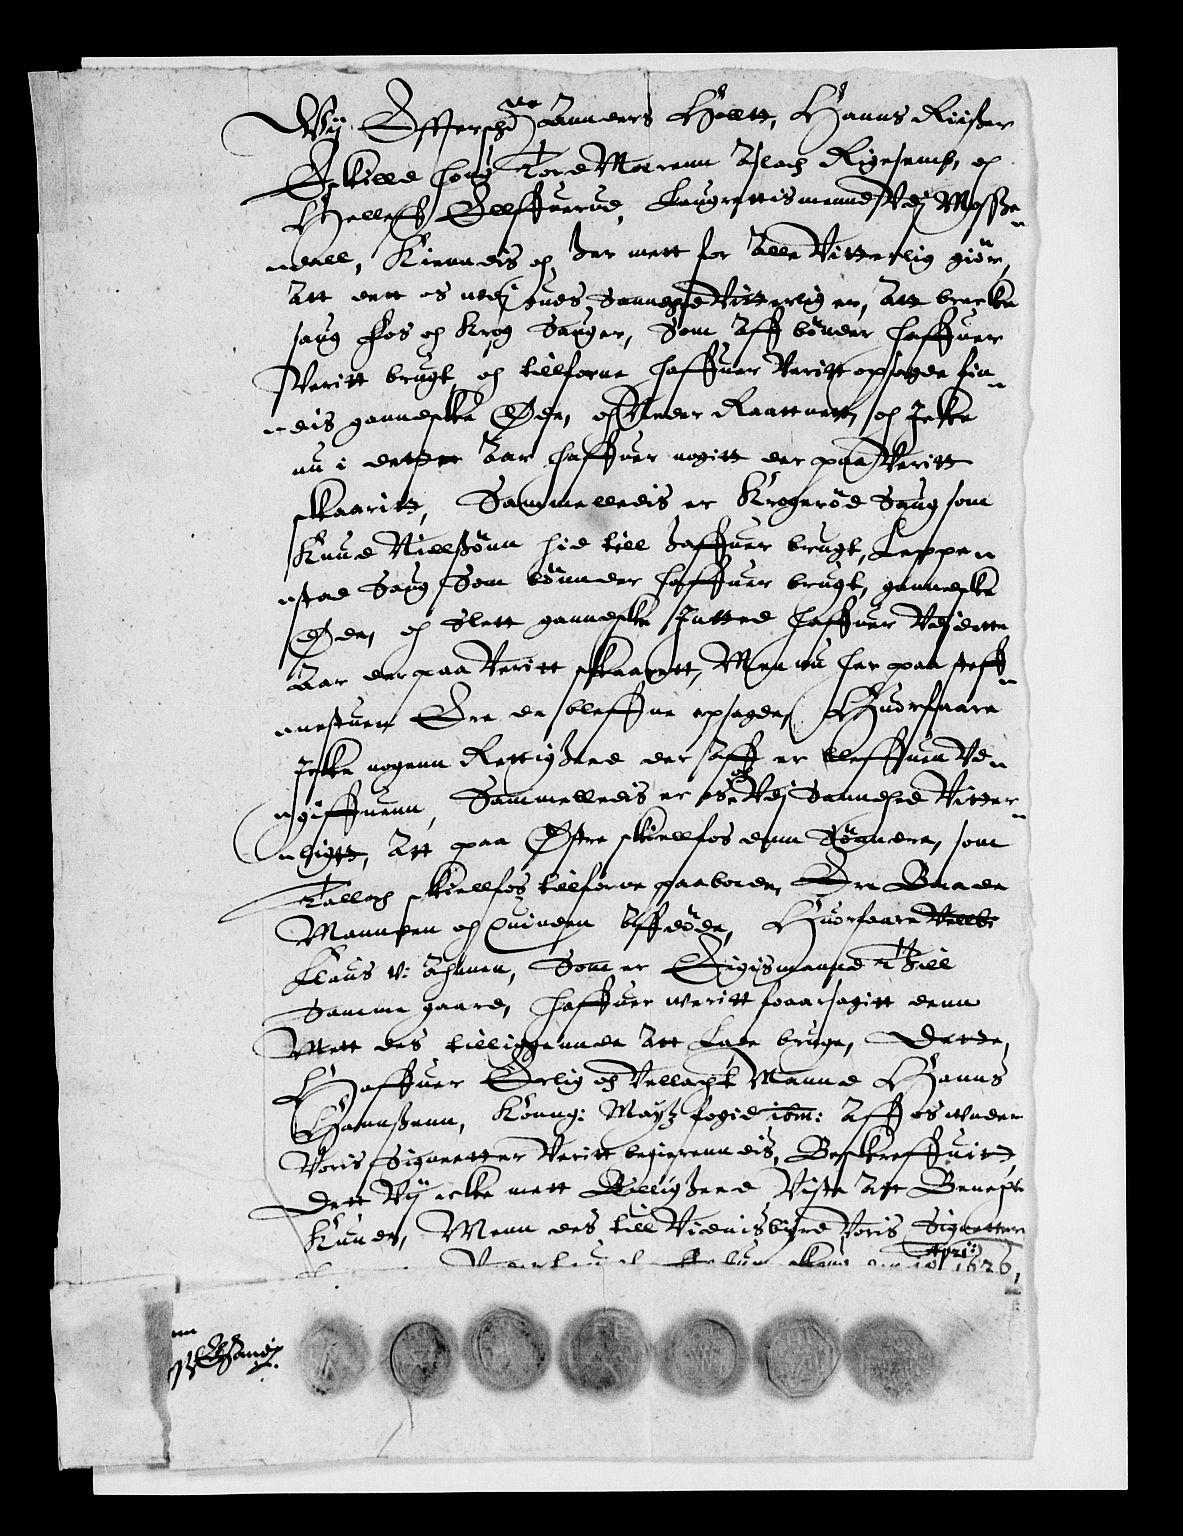 RA, Rentekammeret inntil 1814, Reviderte regnskaper, Lensregnskaper, R/Rb/Rba/L0078: Akershus len, 1626